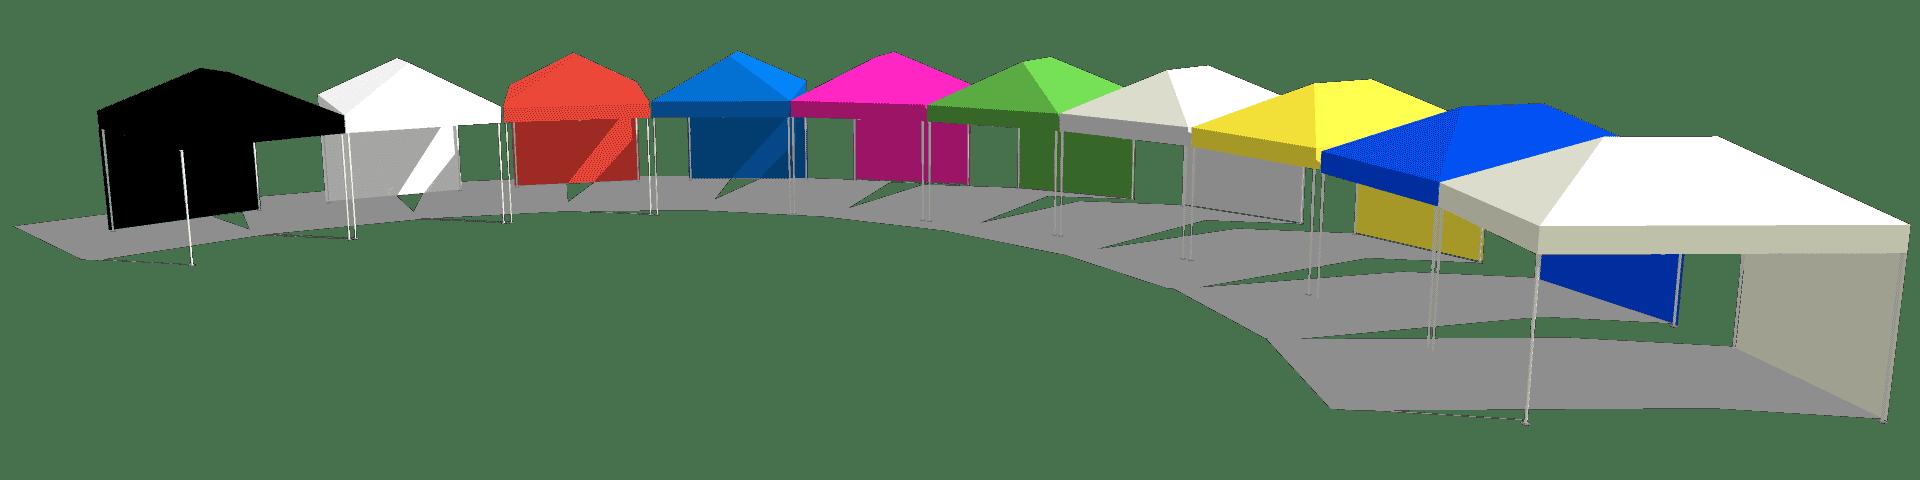 Faltpavillons in 10 Standardfarben von Swiss Display Hamburg